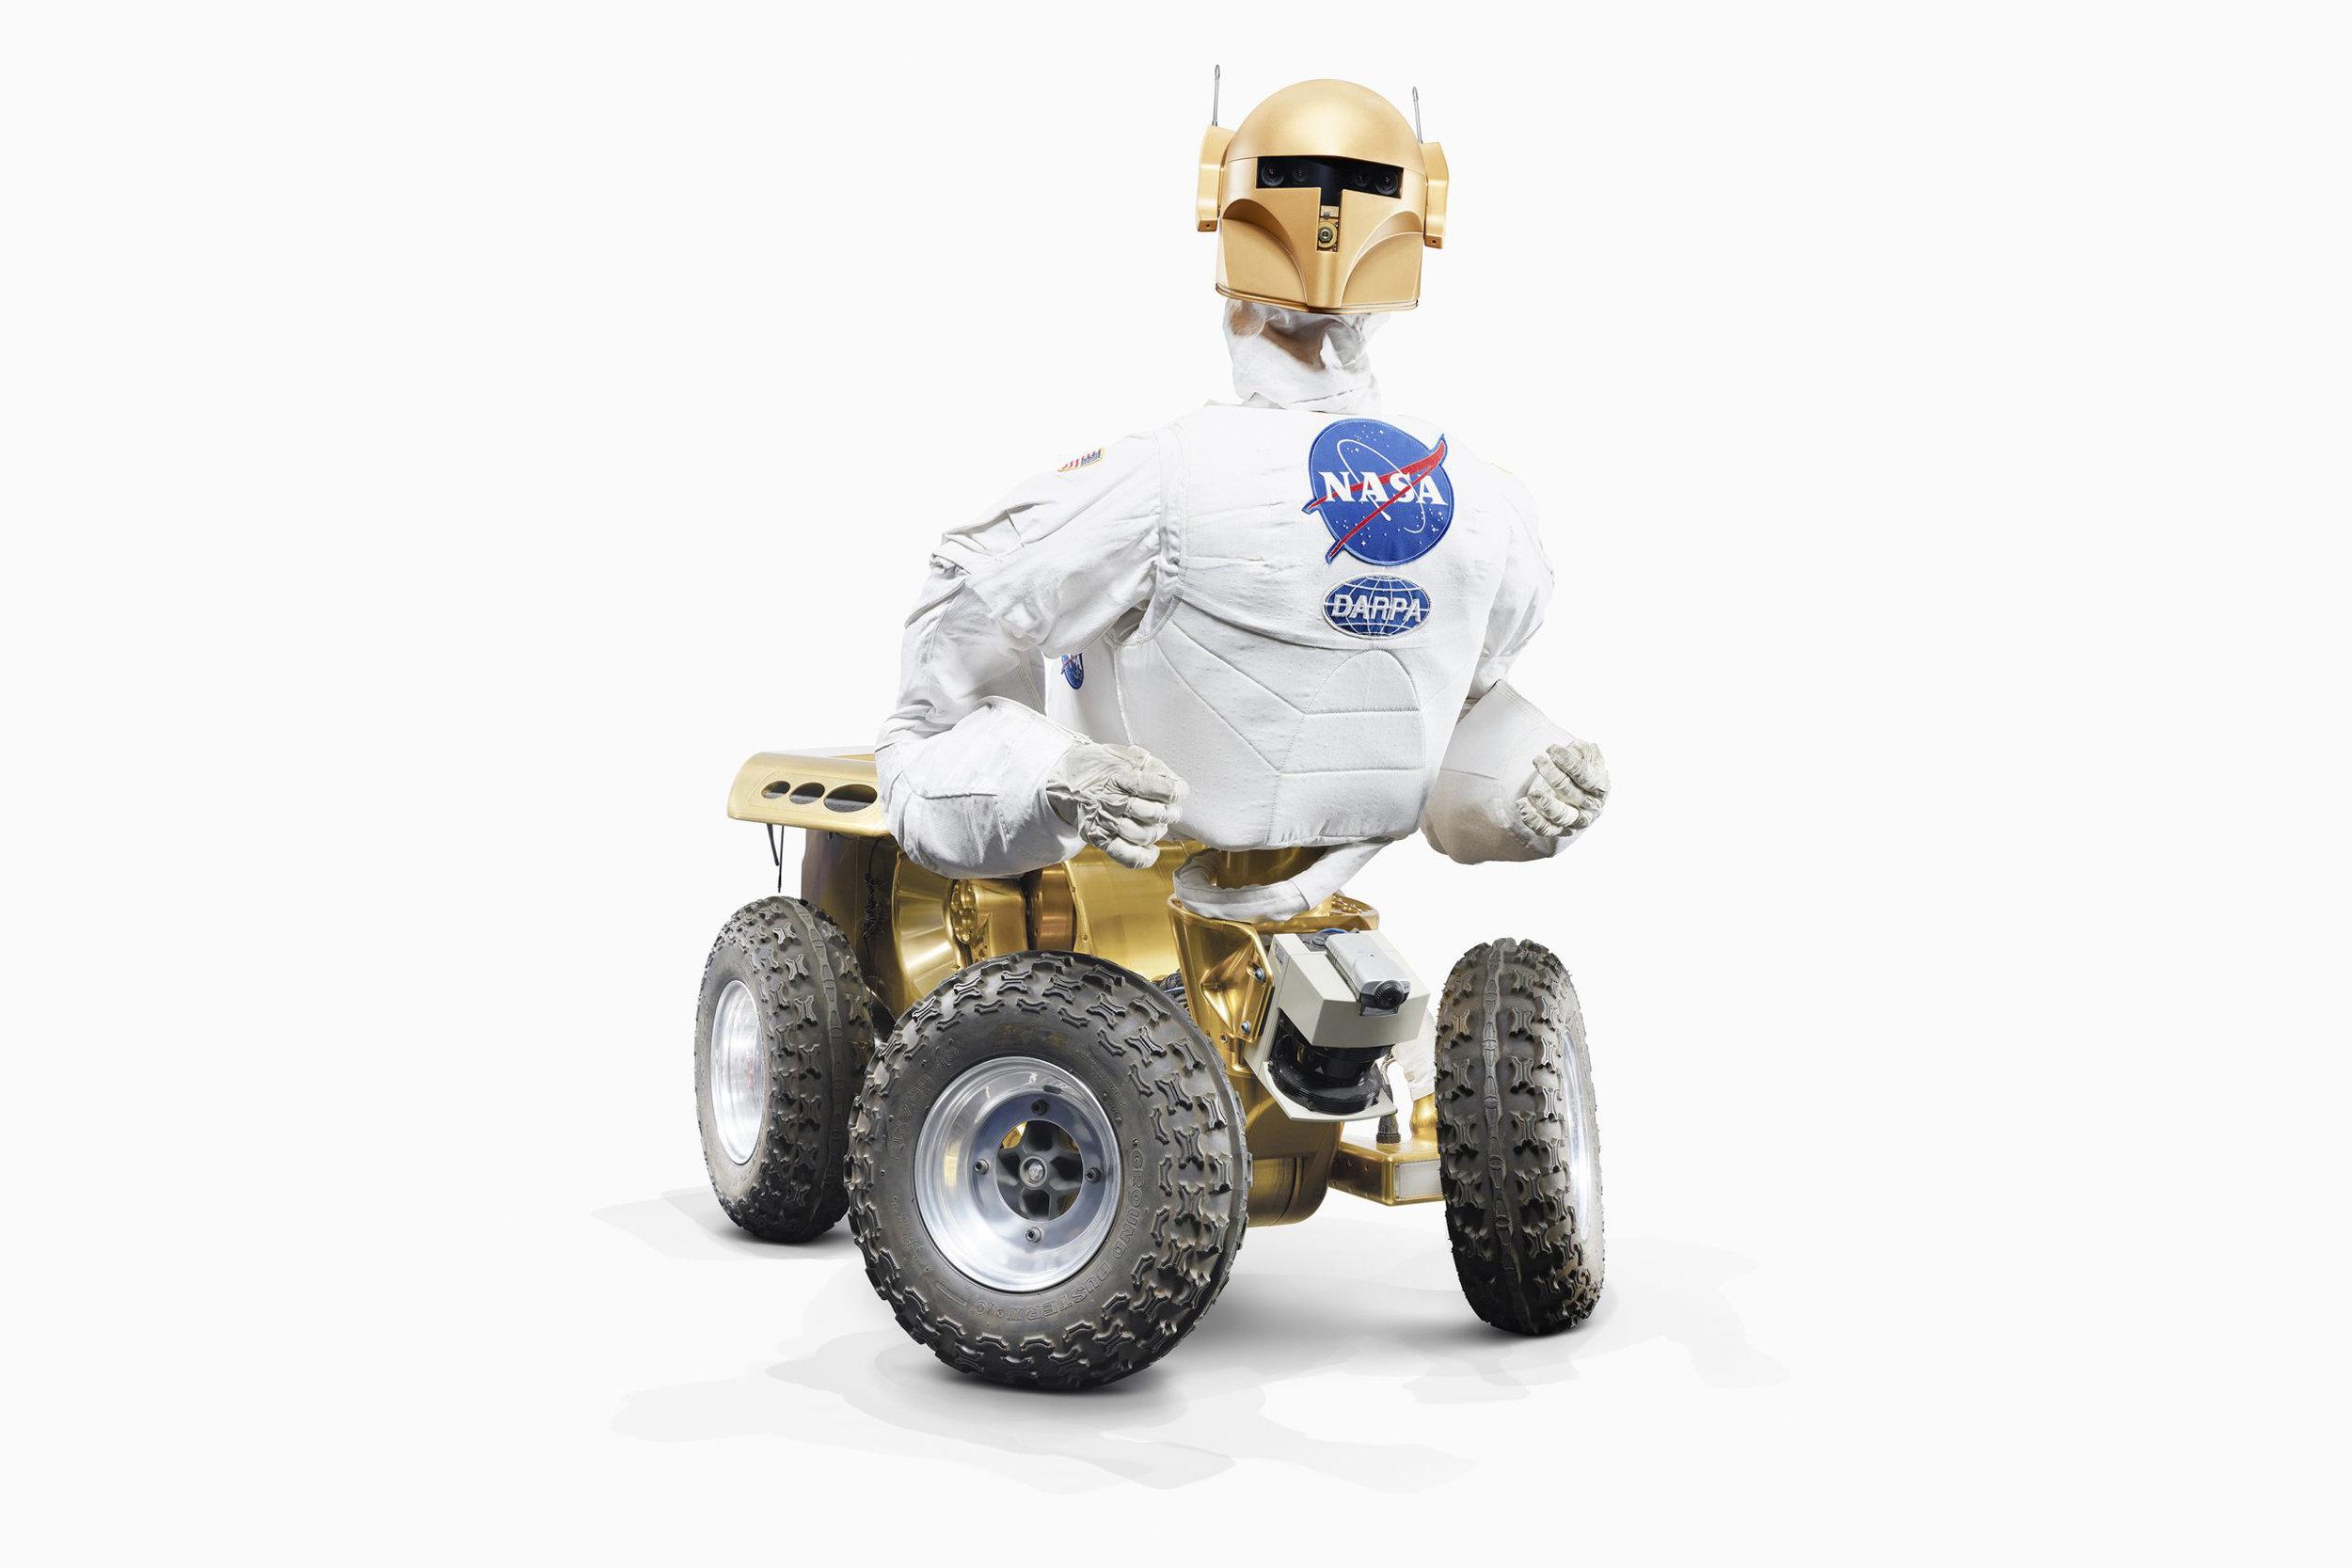 20160720_JSC_Robo_Rover_R1_Rev_Ai-1920x2194.jpg